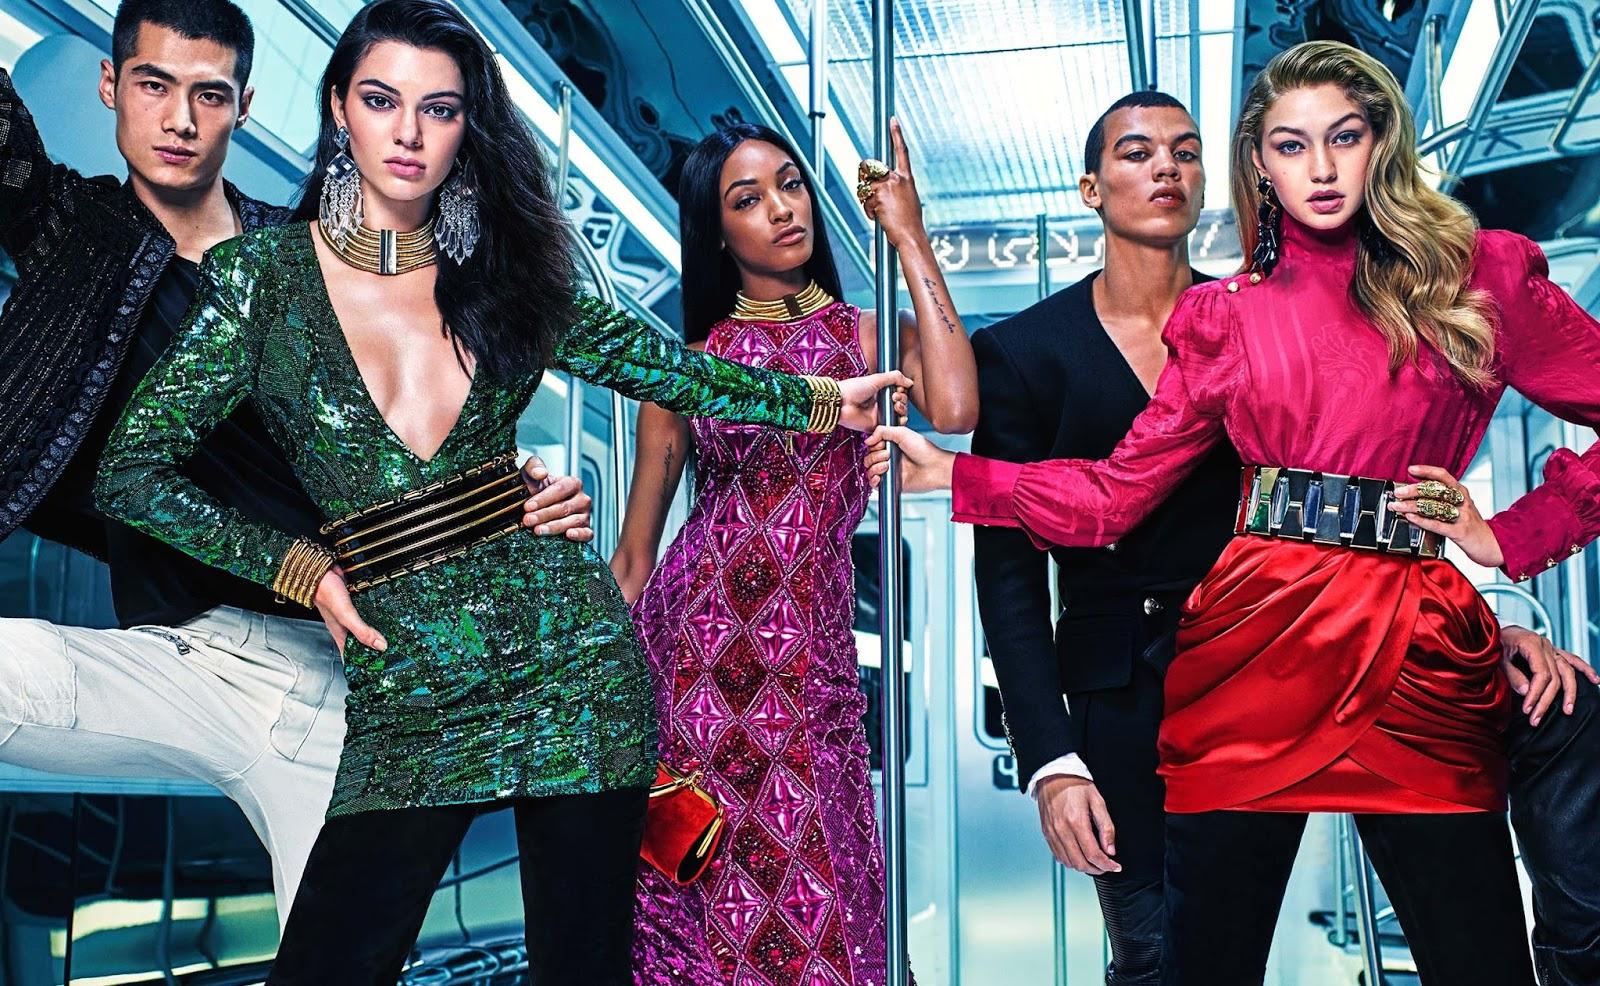 f84a866dc5c2b5 O kolekcji: Przygotuj się na niezwykłą mieszankę luksusu, bezkompromisowego  stylu i miejskiej energii w nowej kolekcji gościnnej ekskluzywnego  paryskiego ...